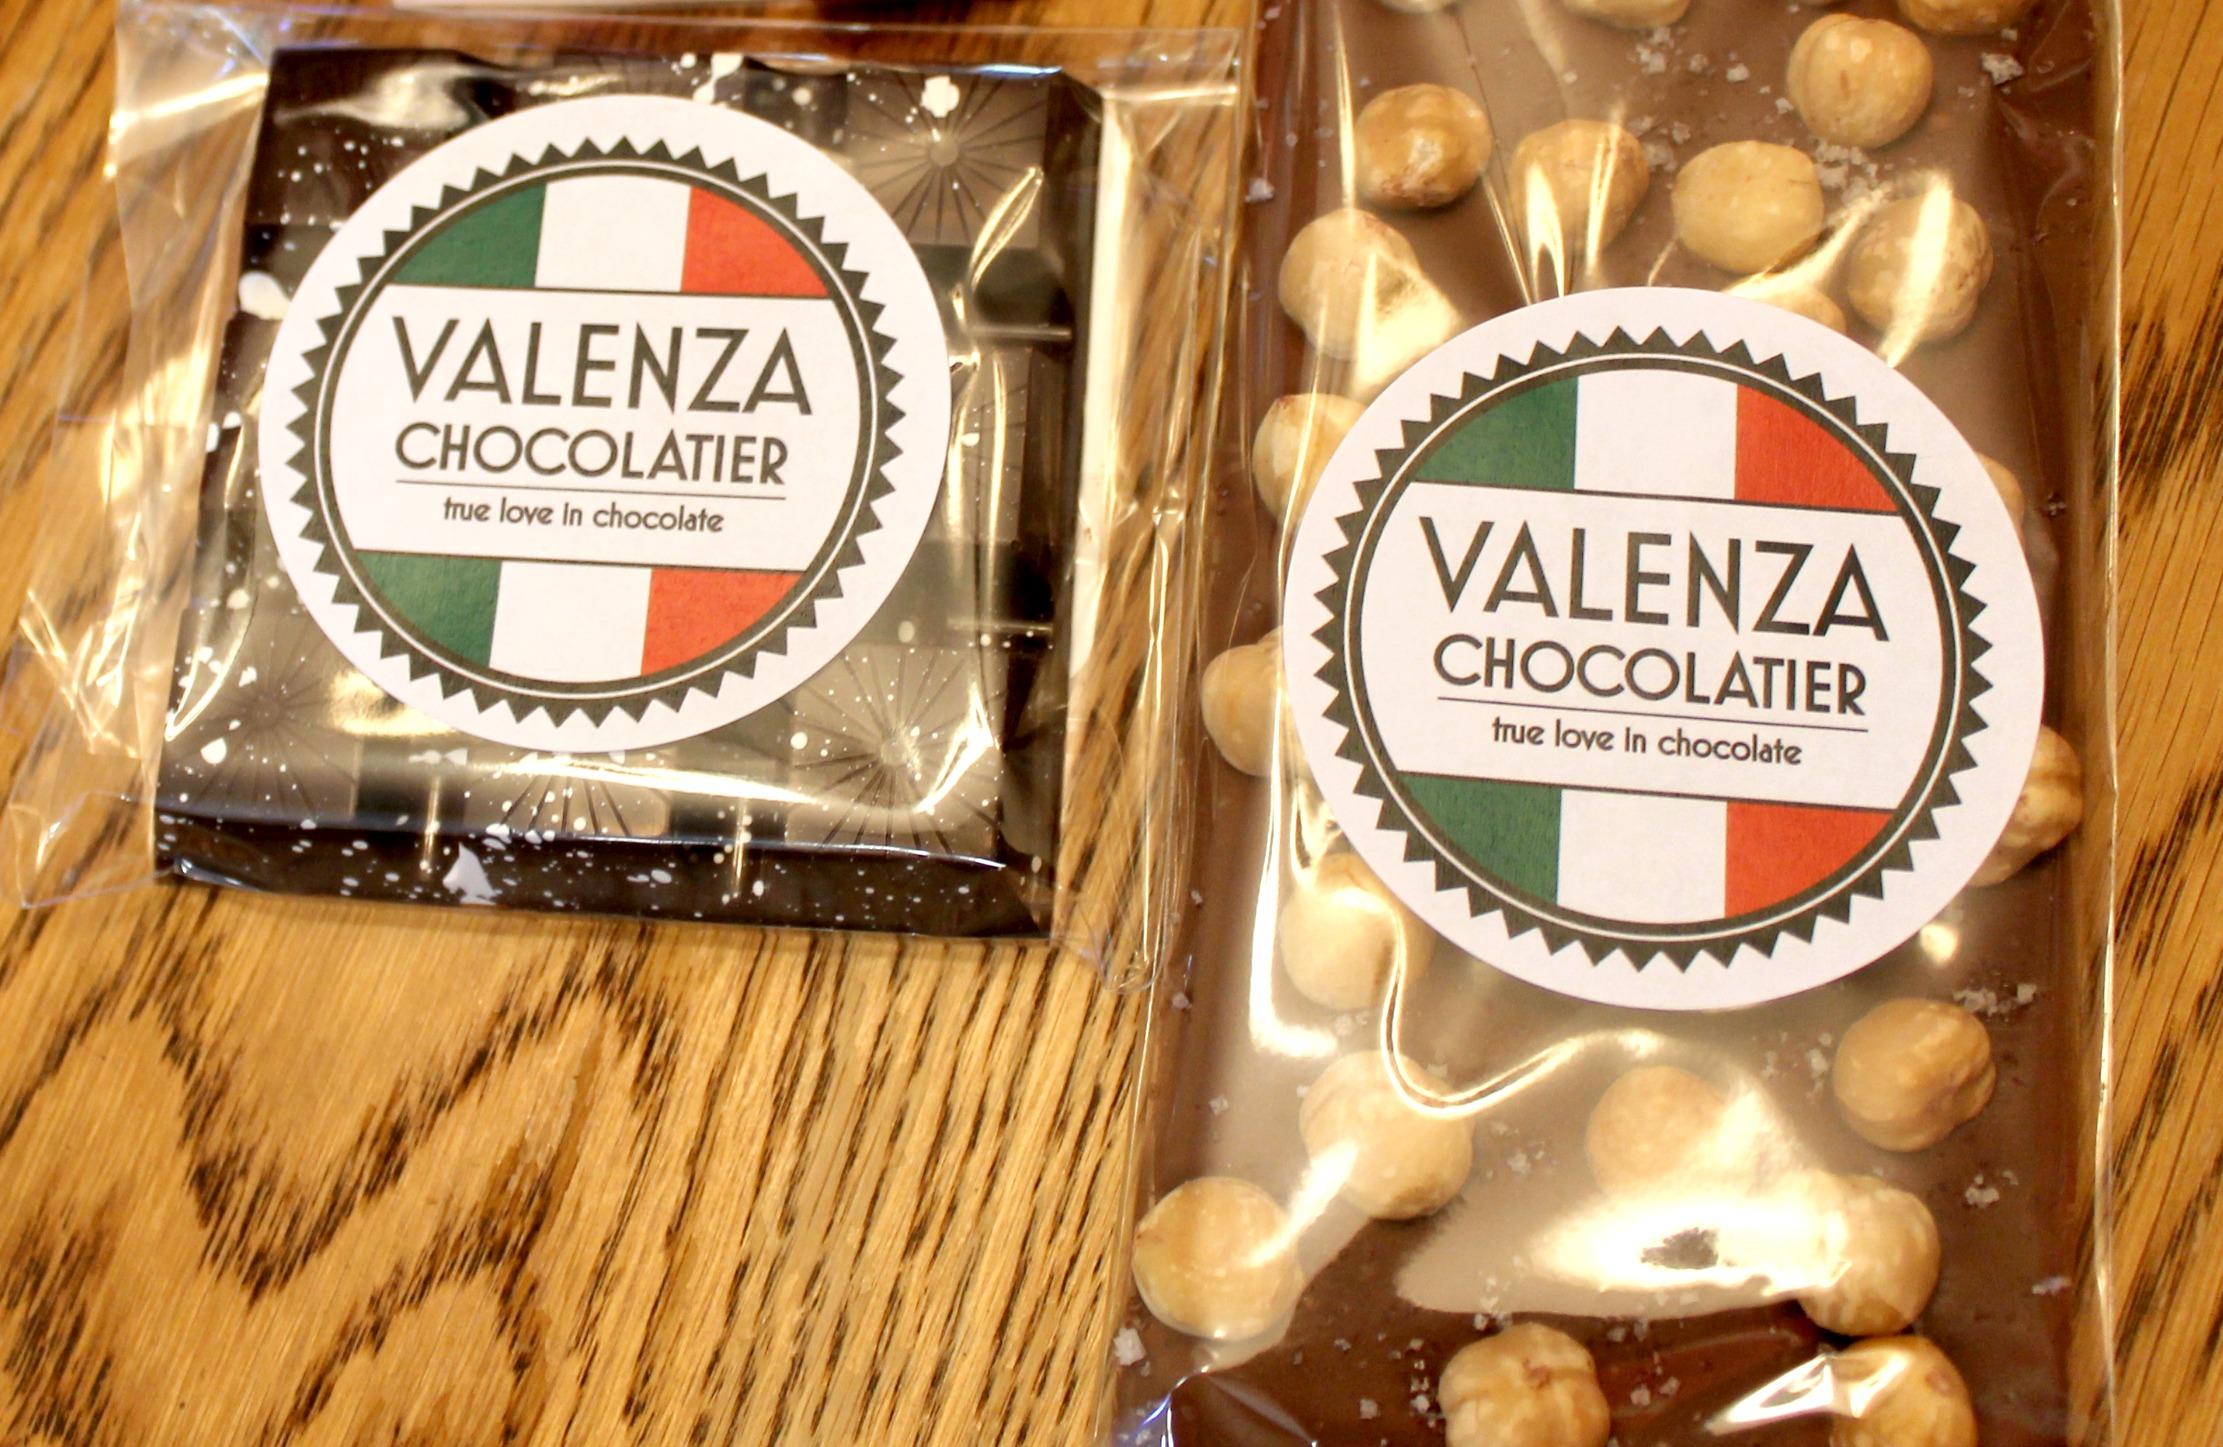 valenza chocolatier flavors